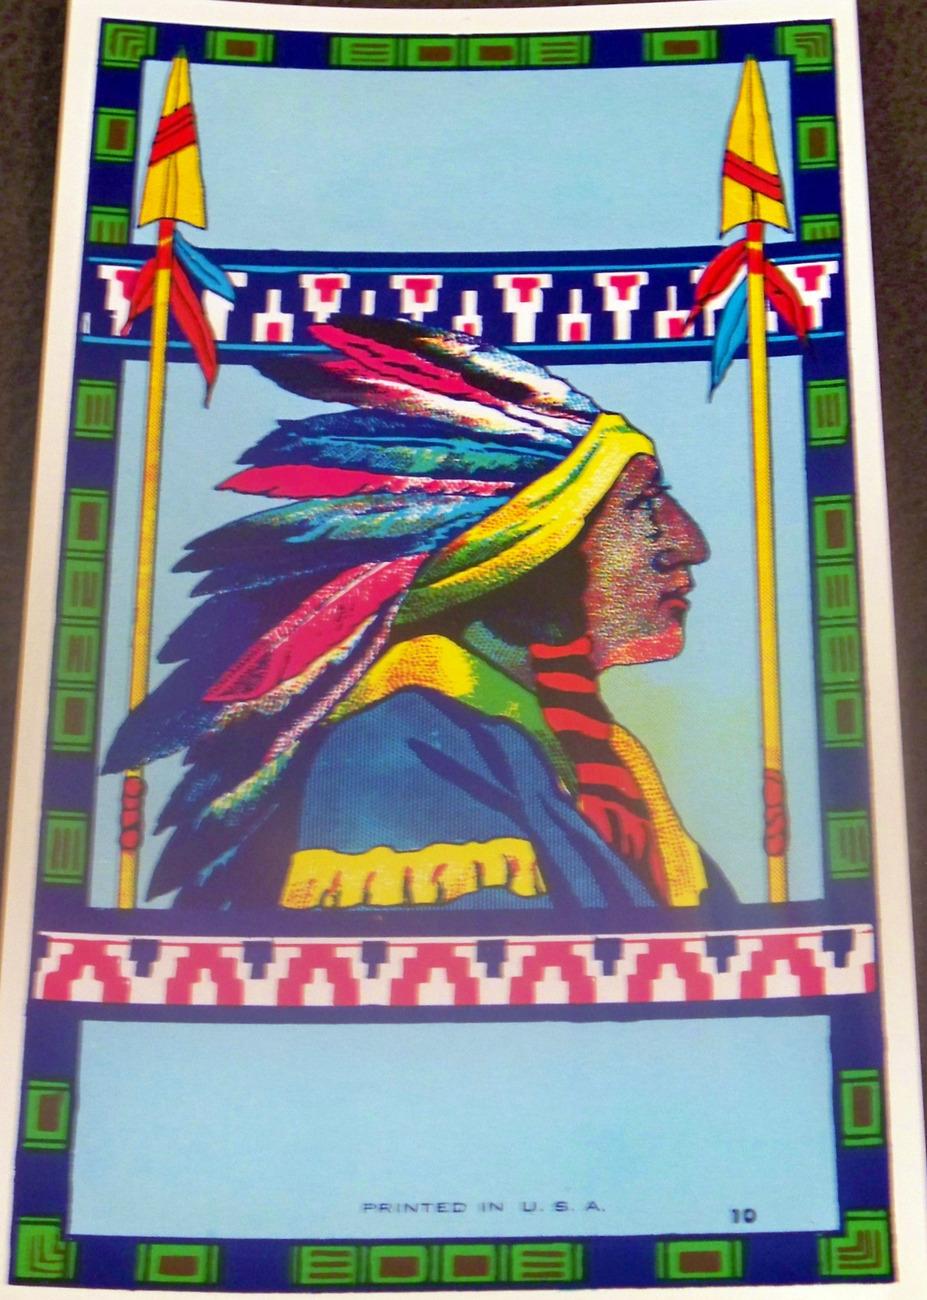 Native American Chief Label, 1930's